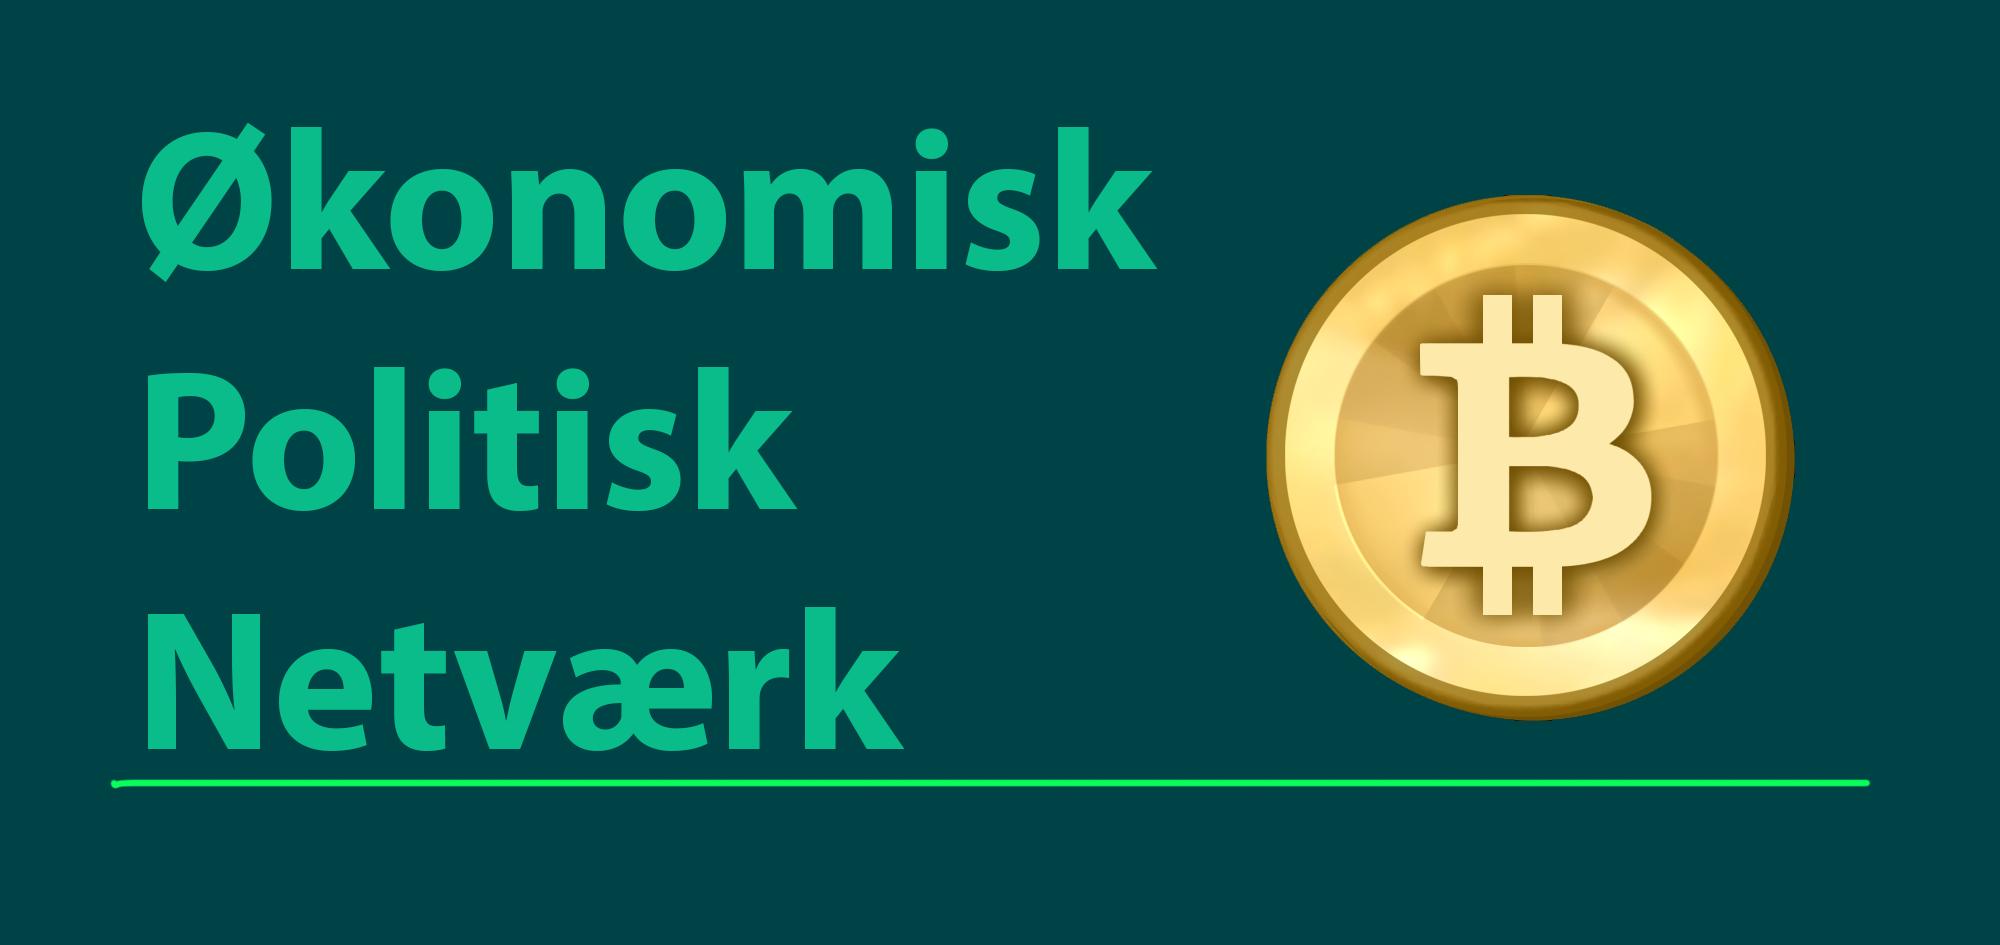 Er Bitcoin en trussel mod den finansielle stabilitet? fredag den 23. februar 2018 kl. 9.00-16.00, Vartov, Farvergade 27, Kbh. K